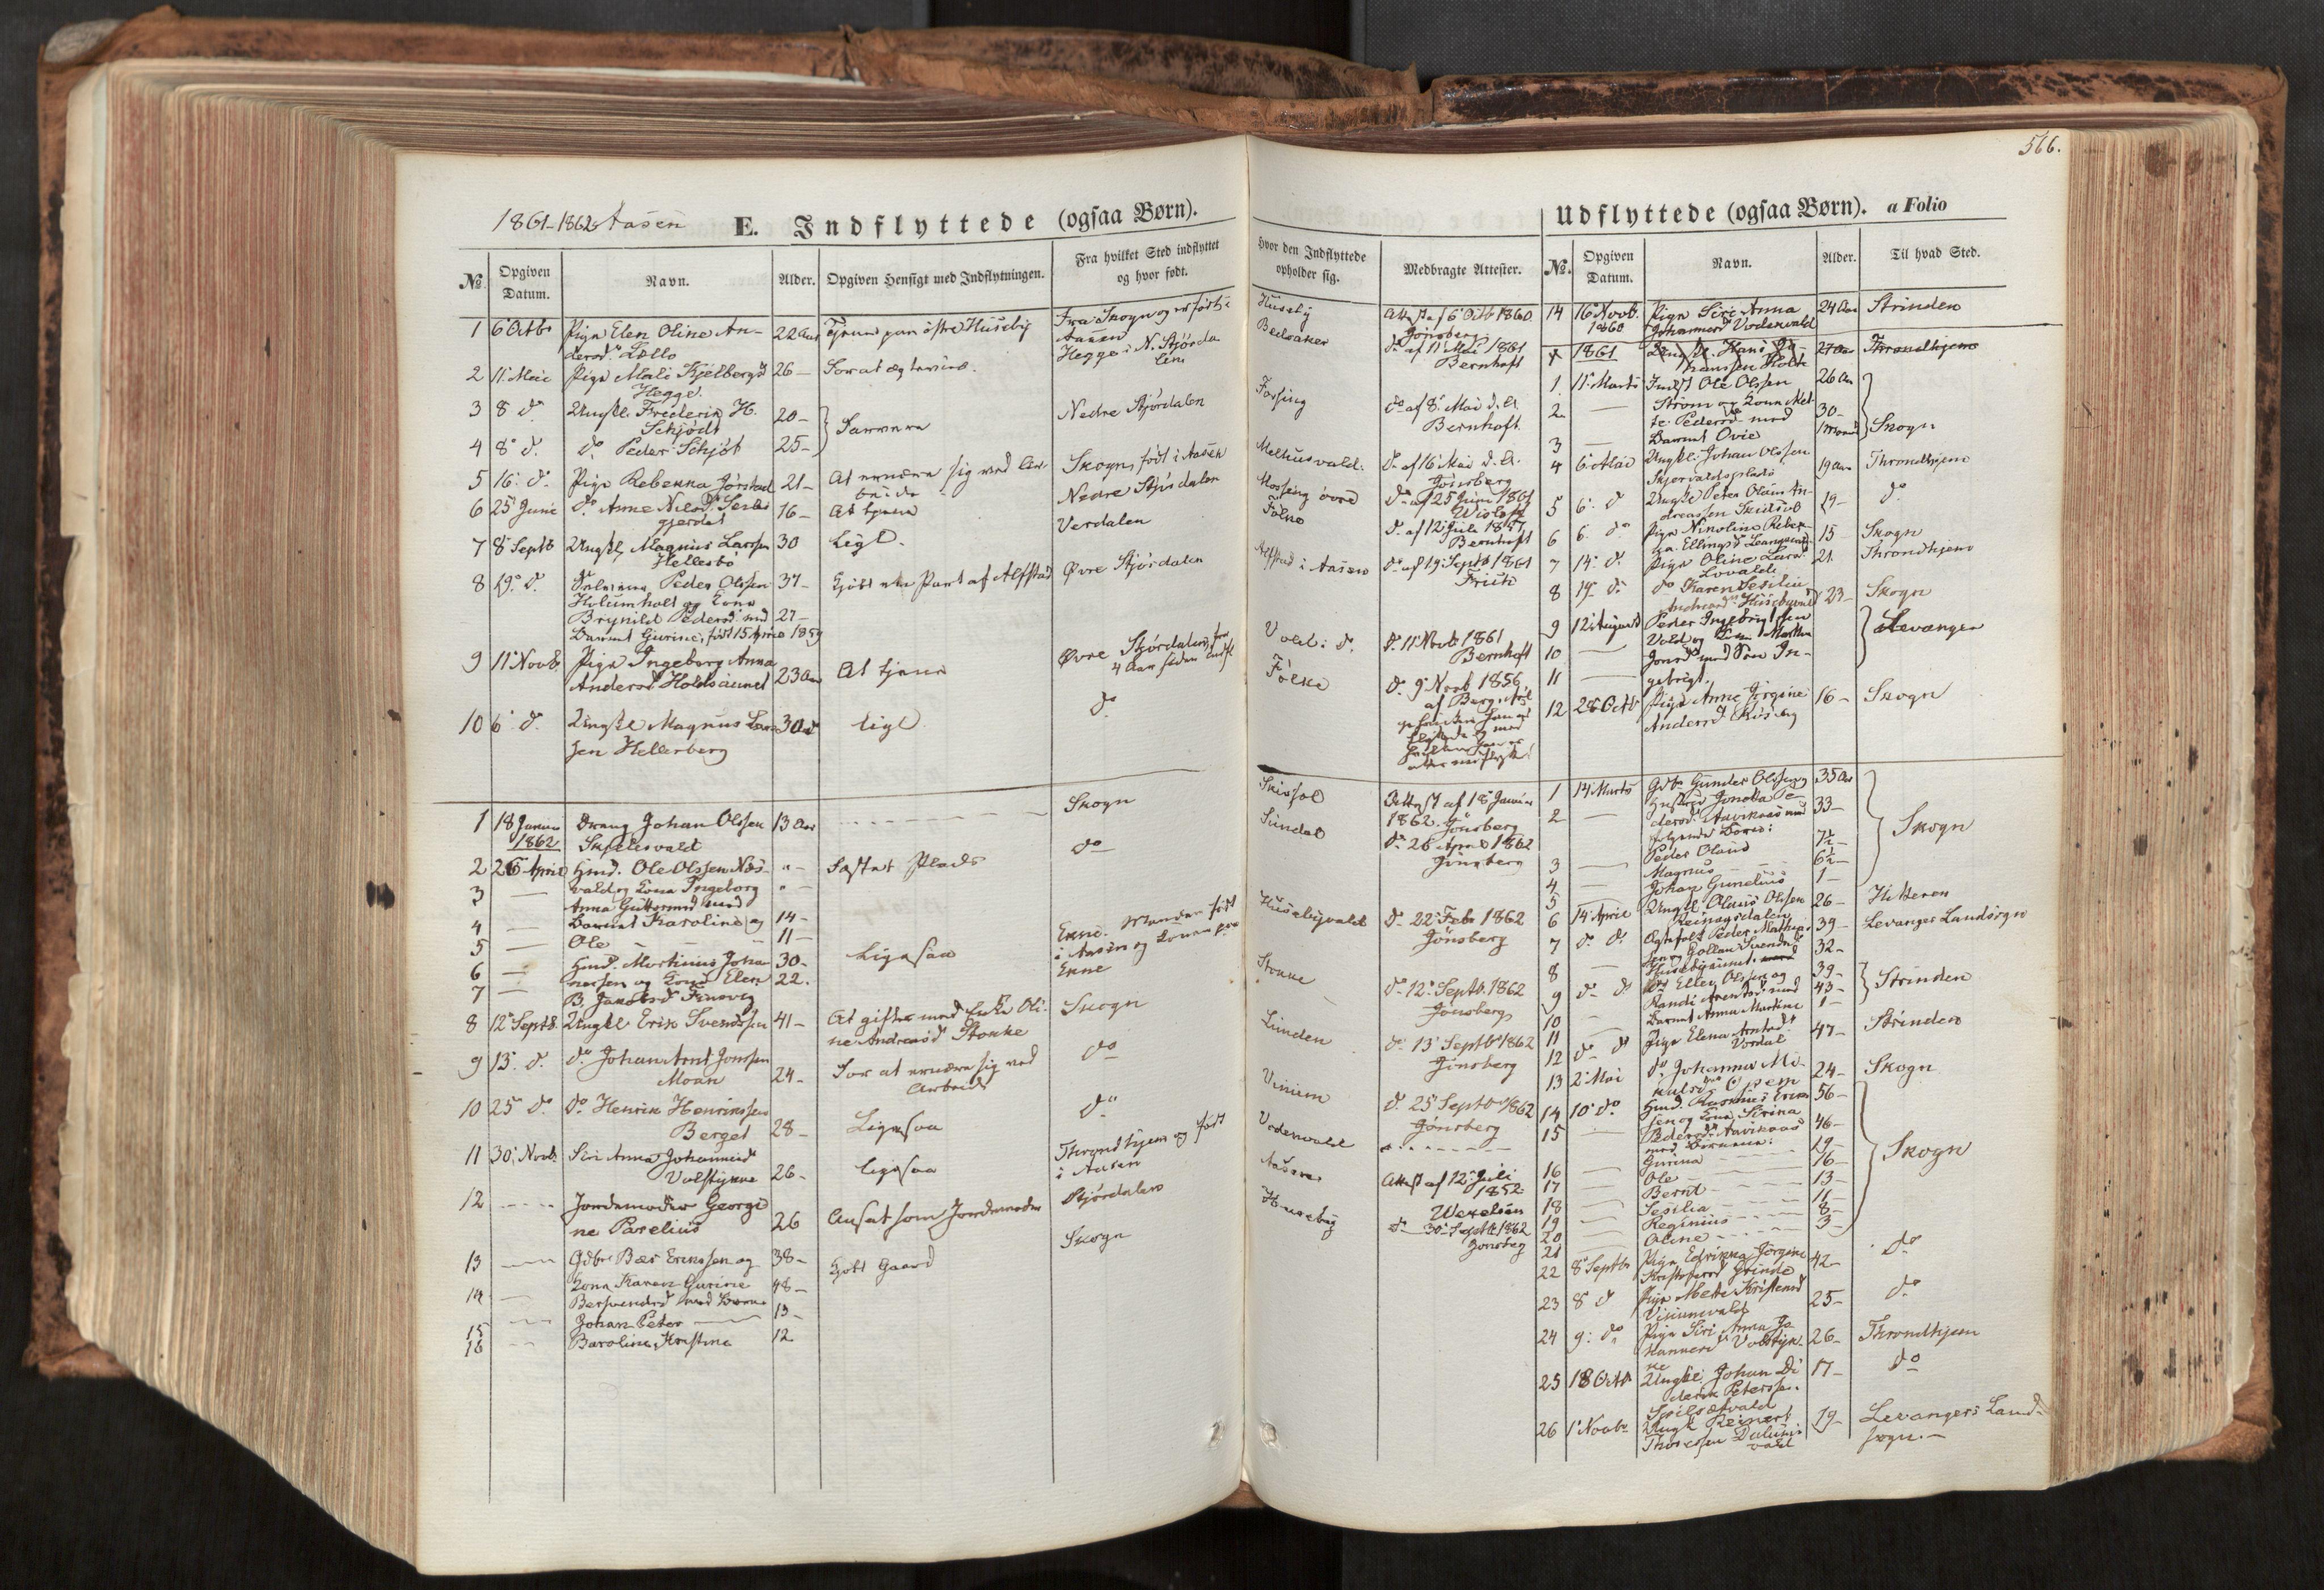 SAT, Ministerialprotokoller, klokkerbøker og fødselsregistre - Nord-Trøndelag, 713/L0116: Ministerialbok nr. 713A07, 1850-1877, s. 566